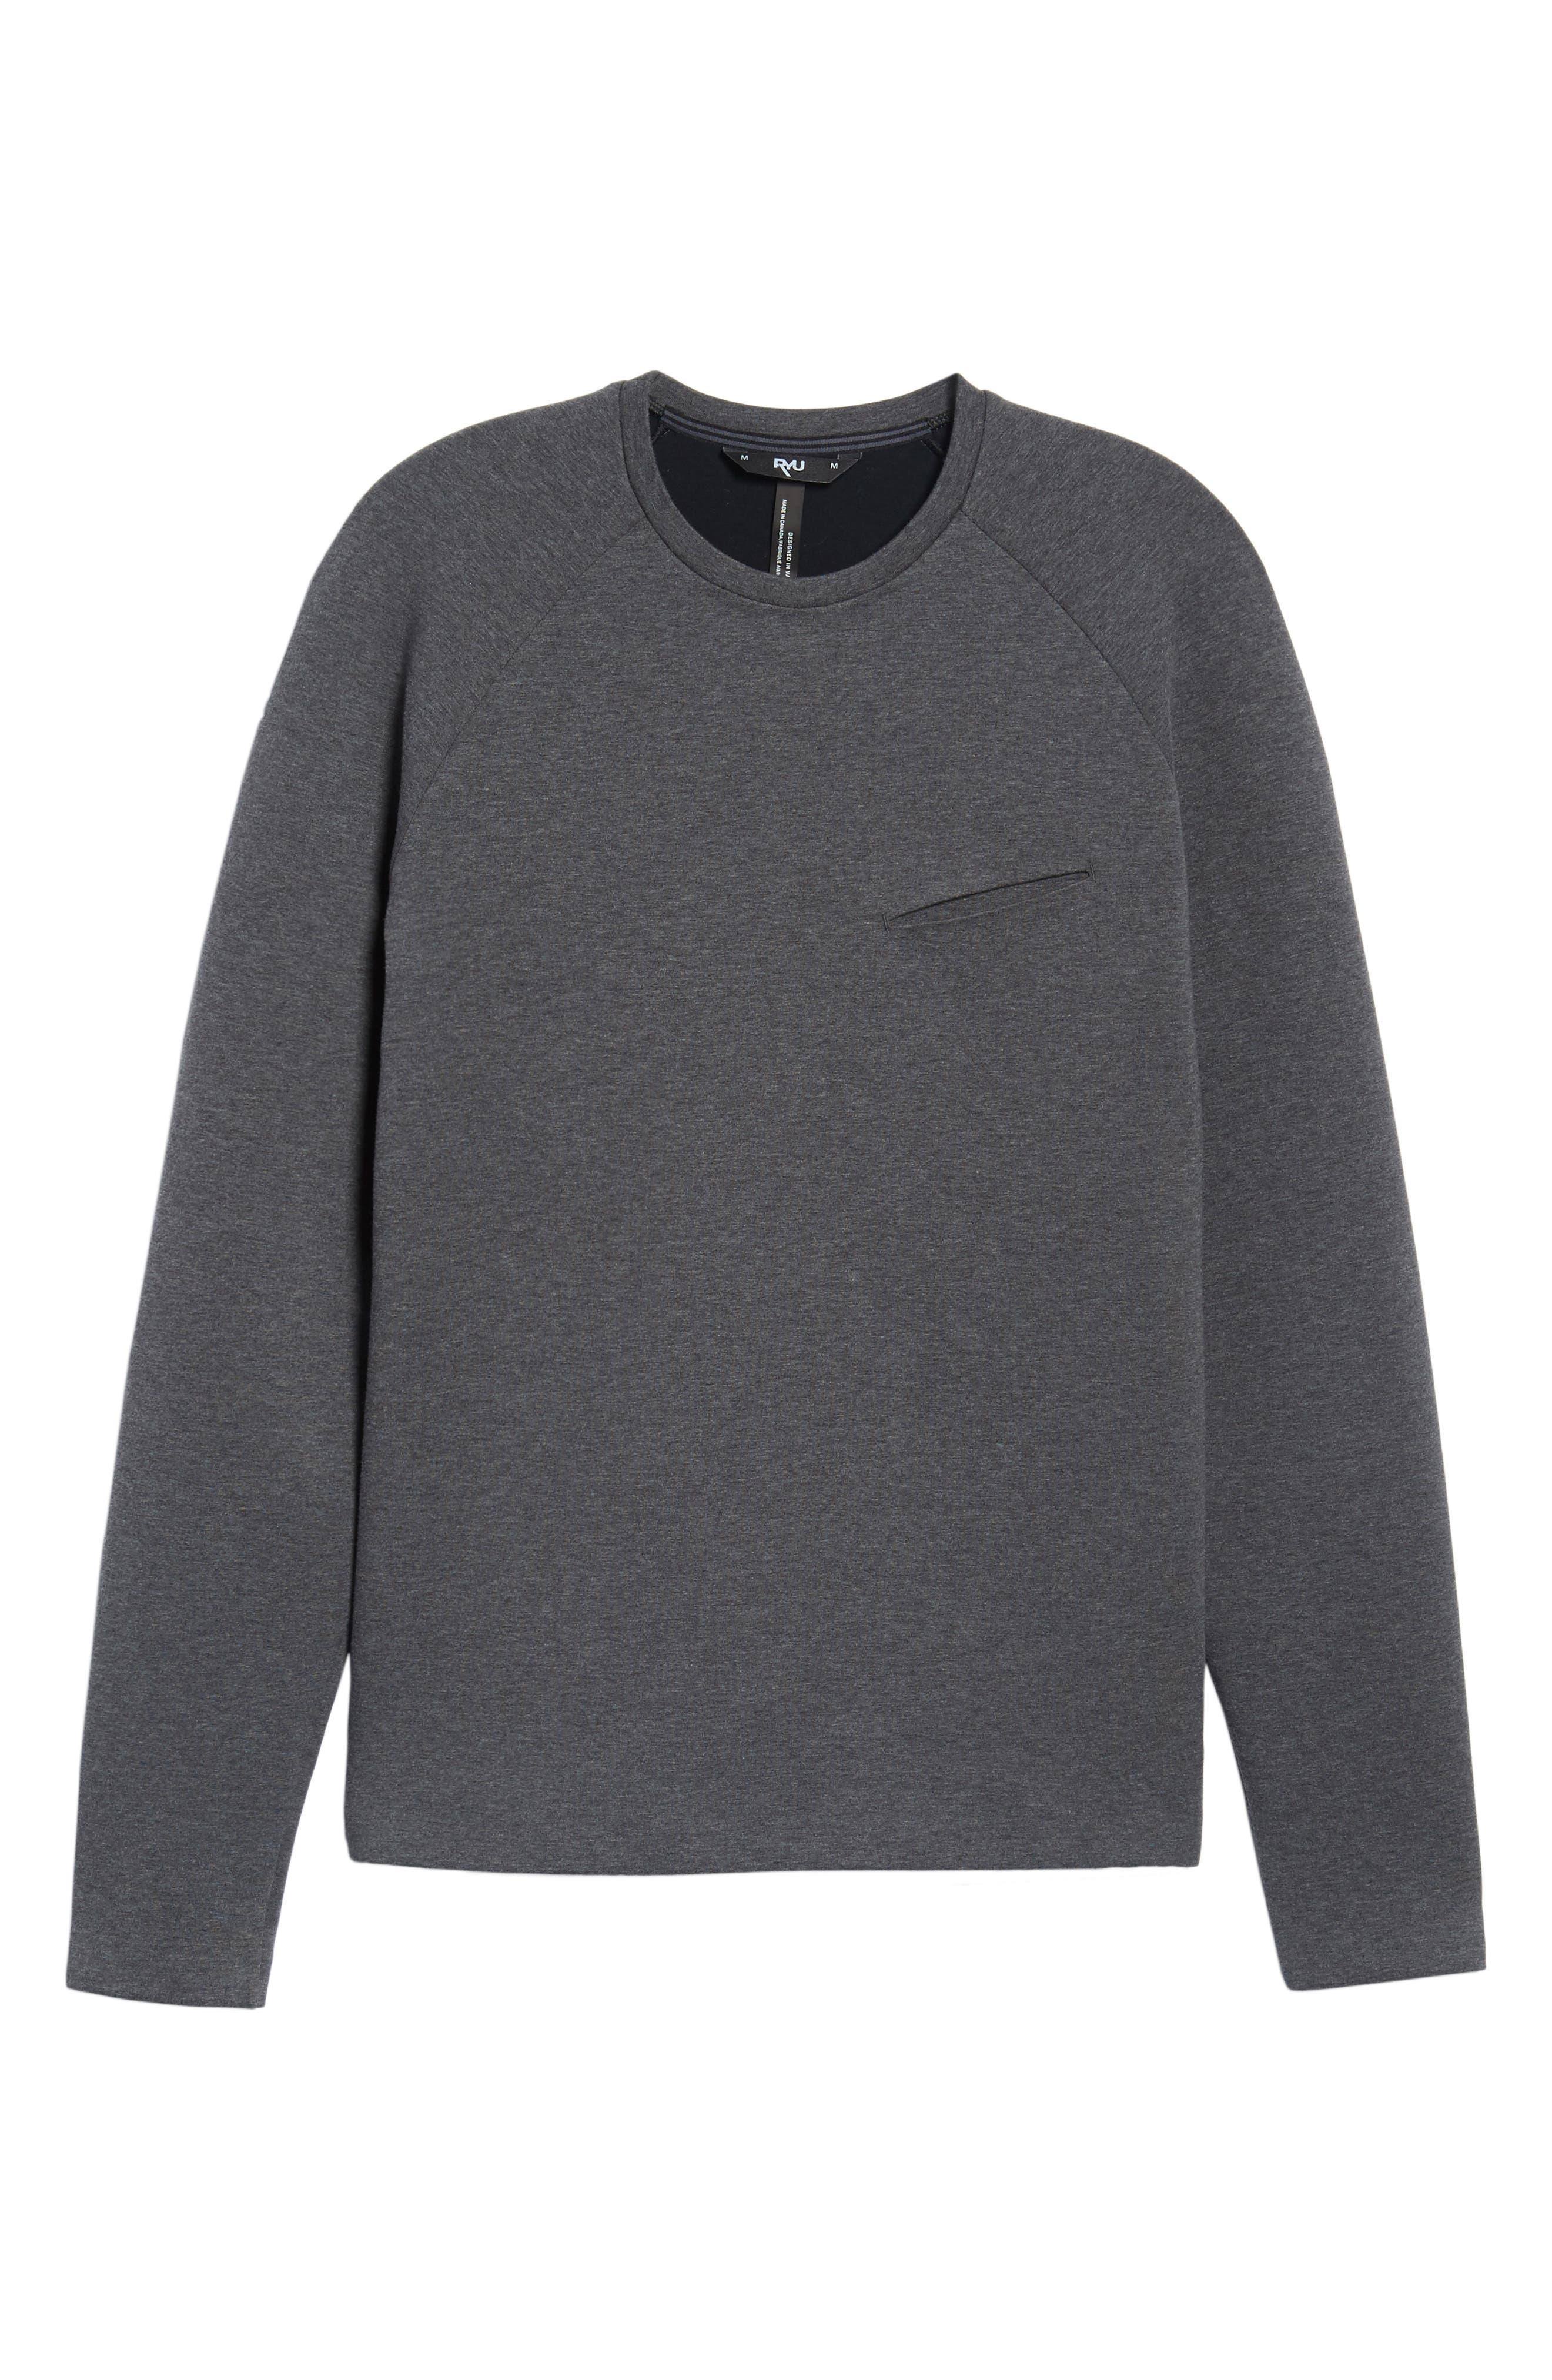 Ethos Cotton Blend Sweater,                             Alternate thumbnail 6, color,                             021